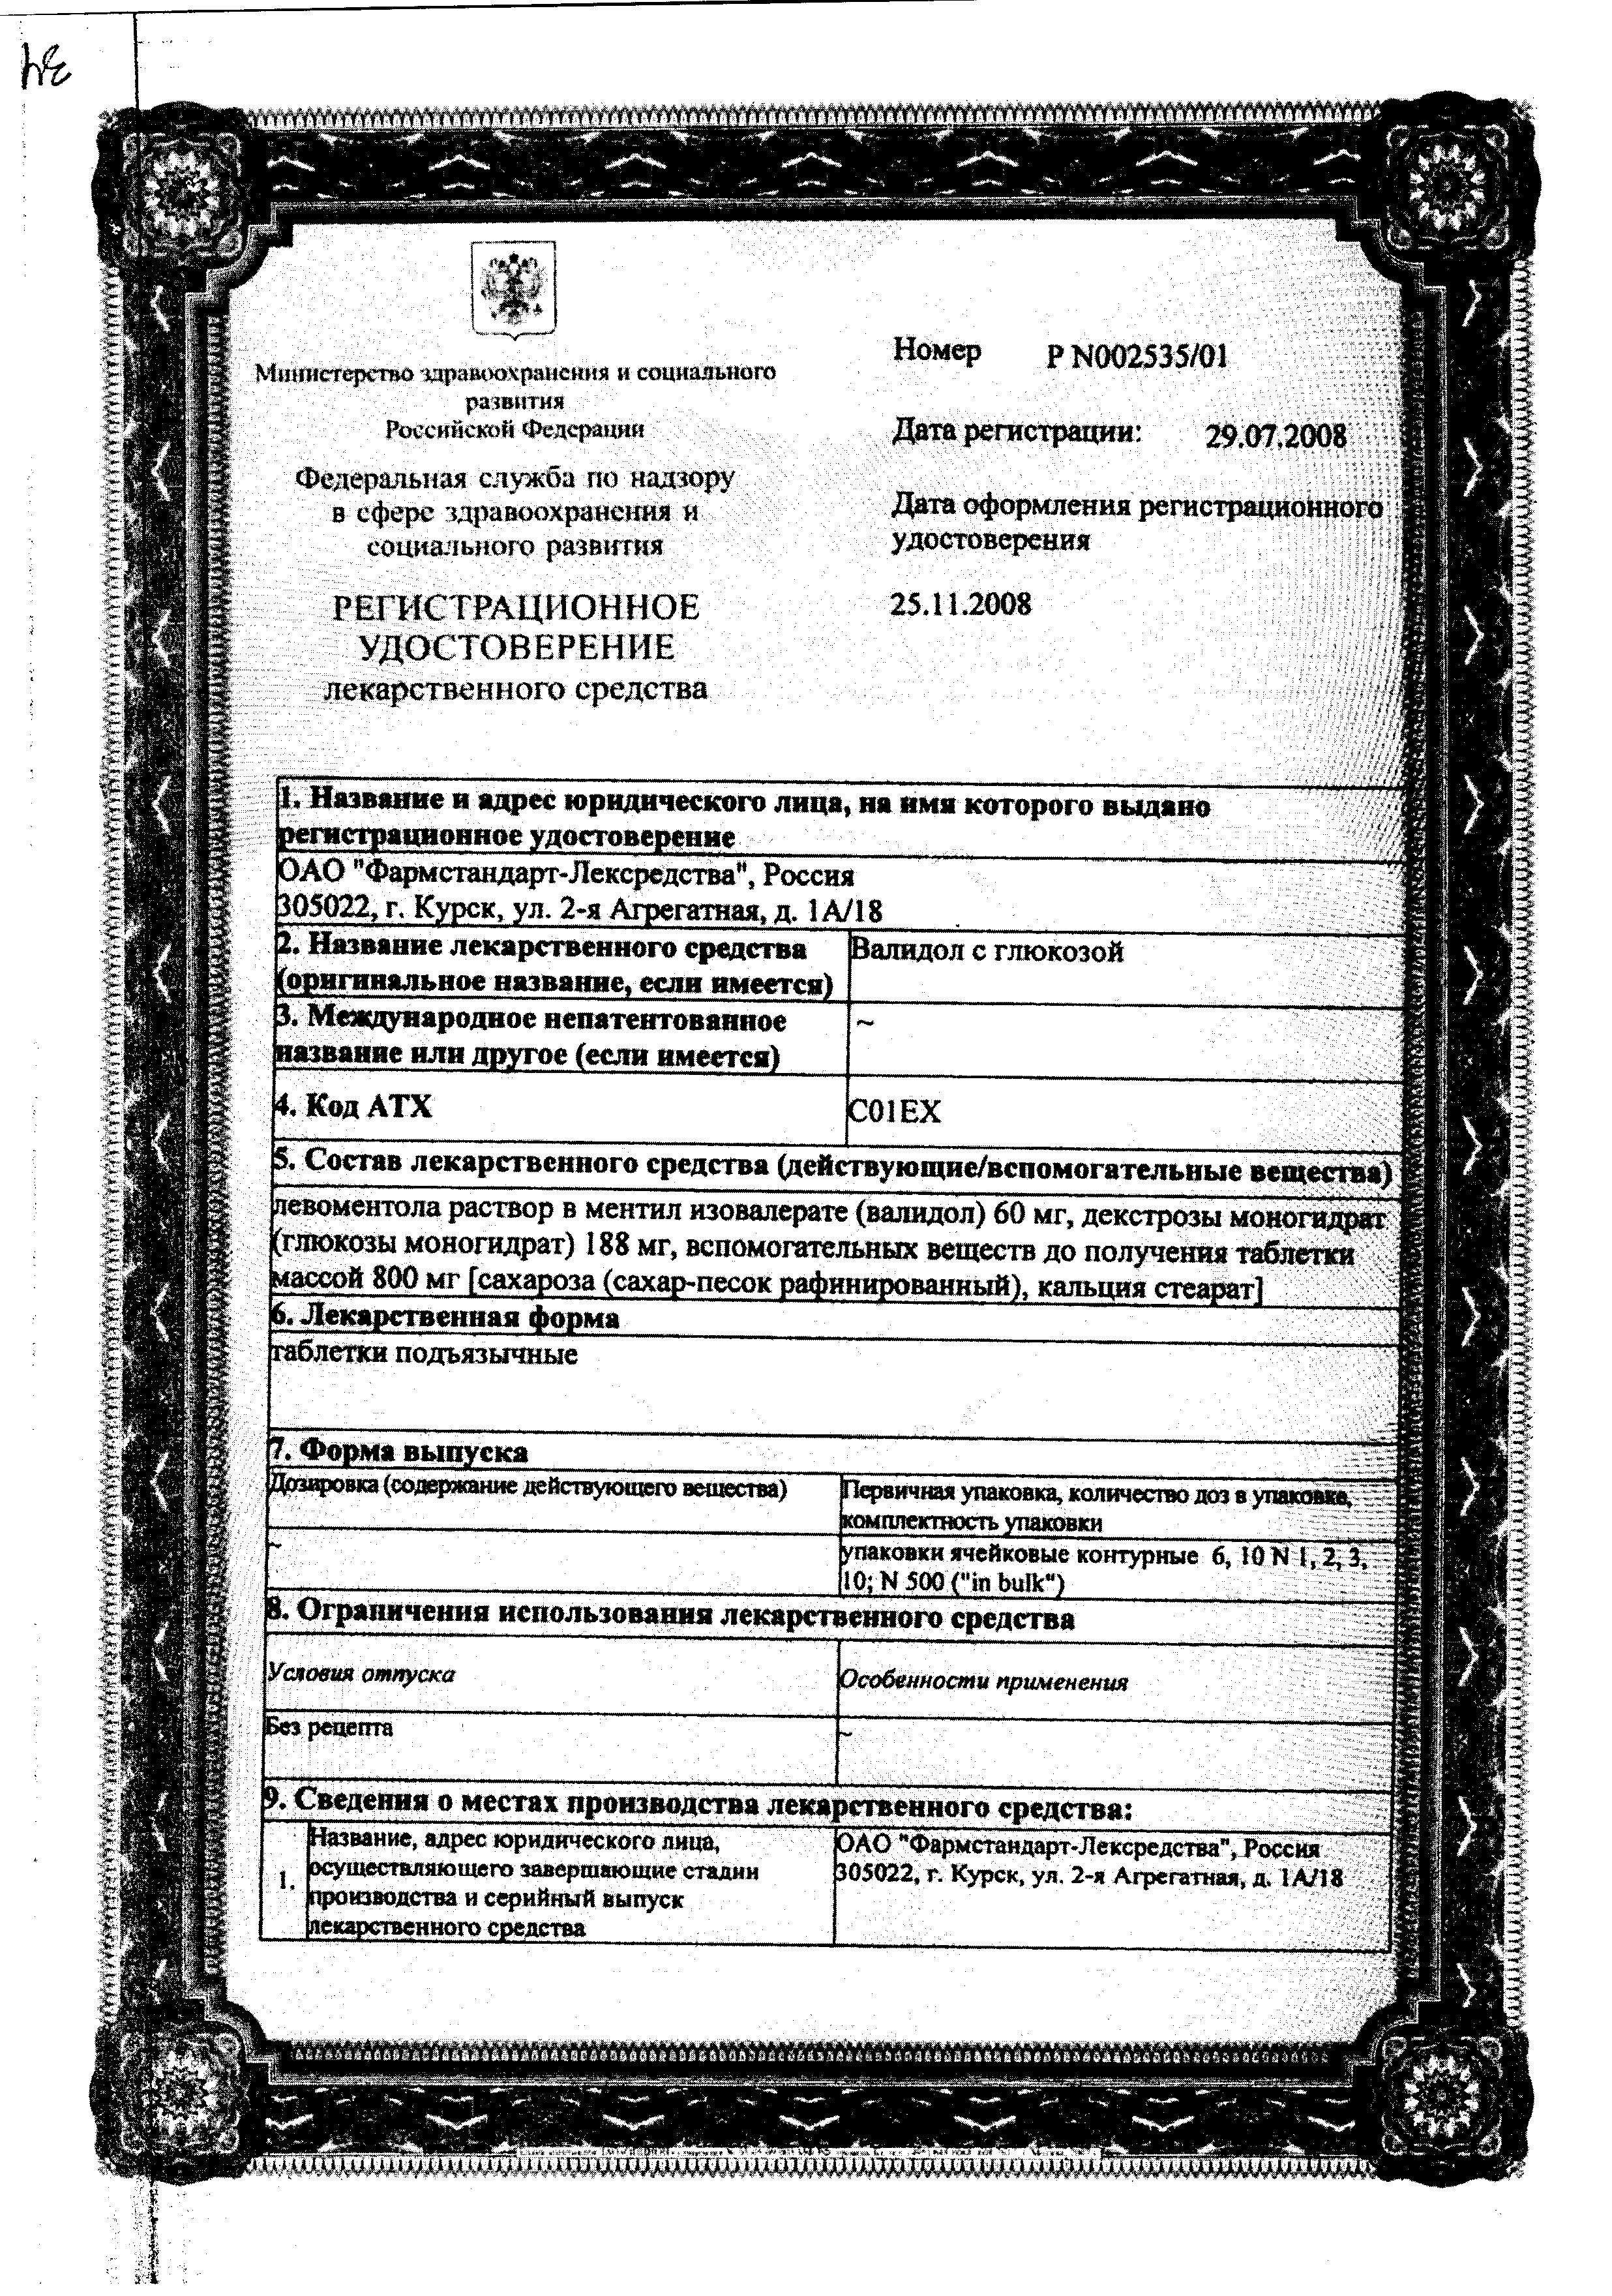 Валидол с глюкозой сертификат